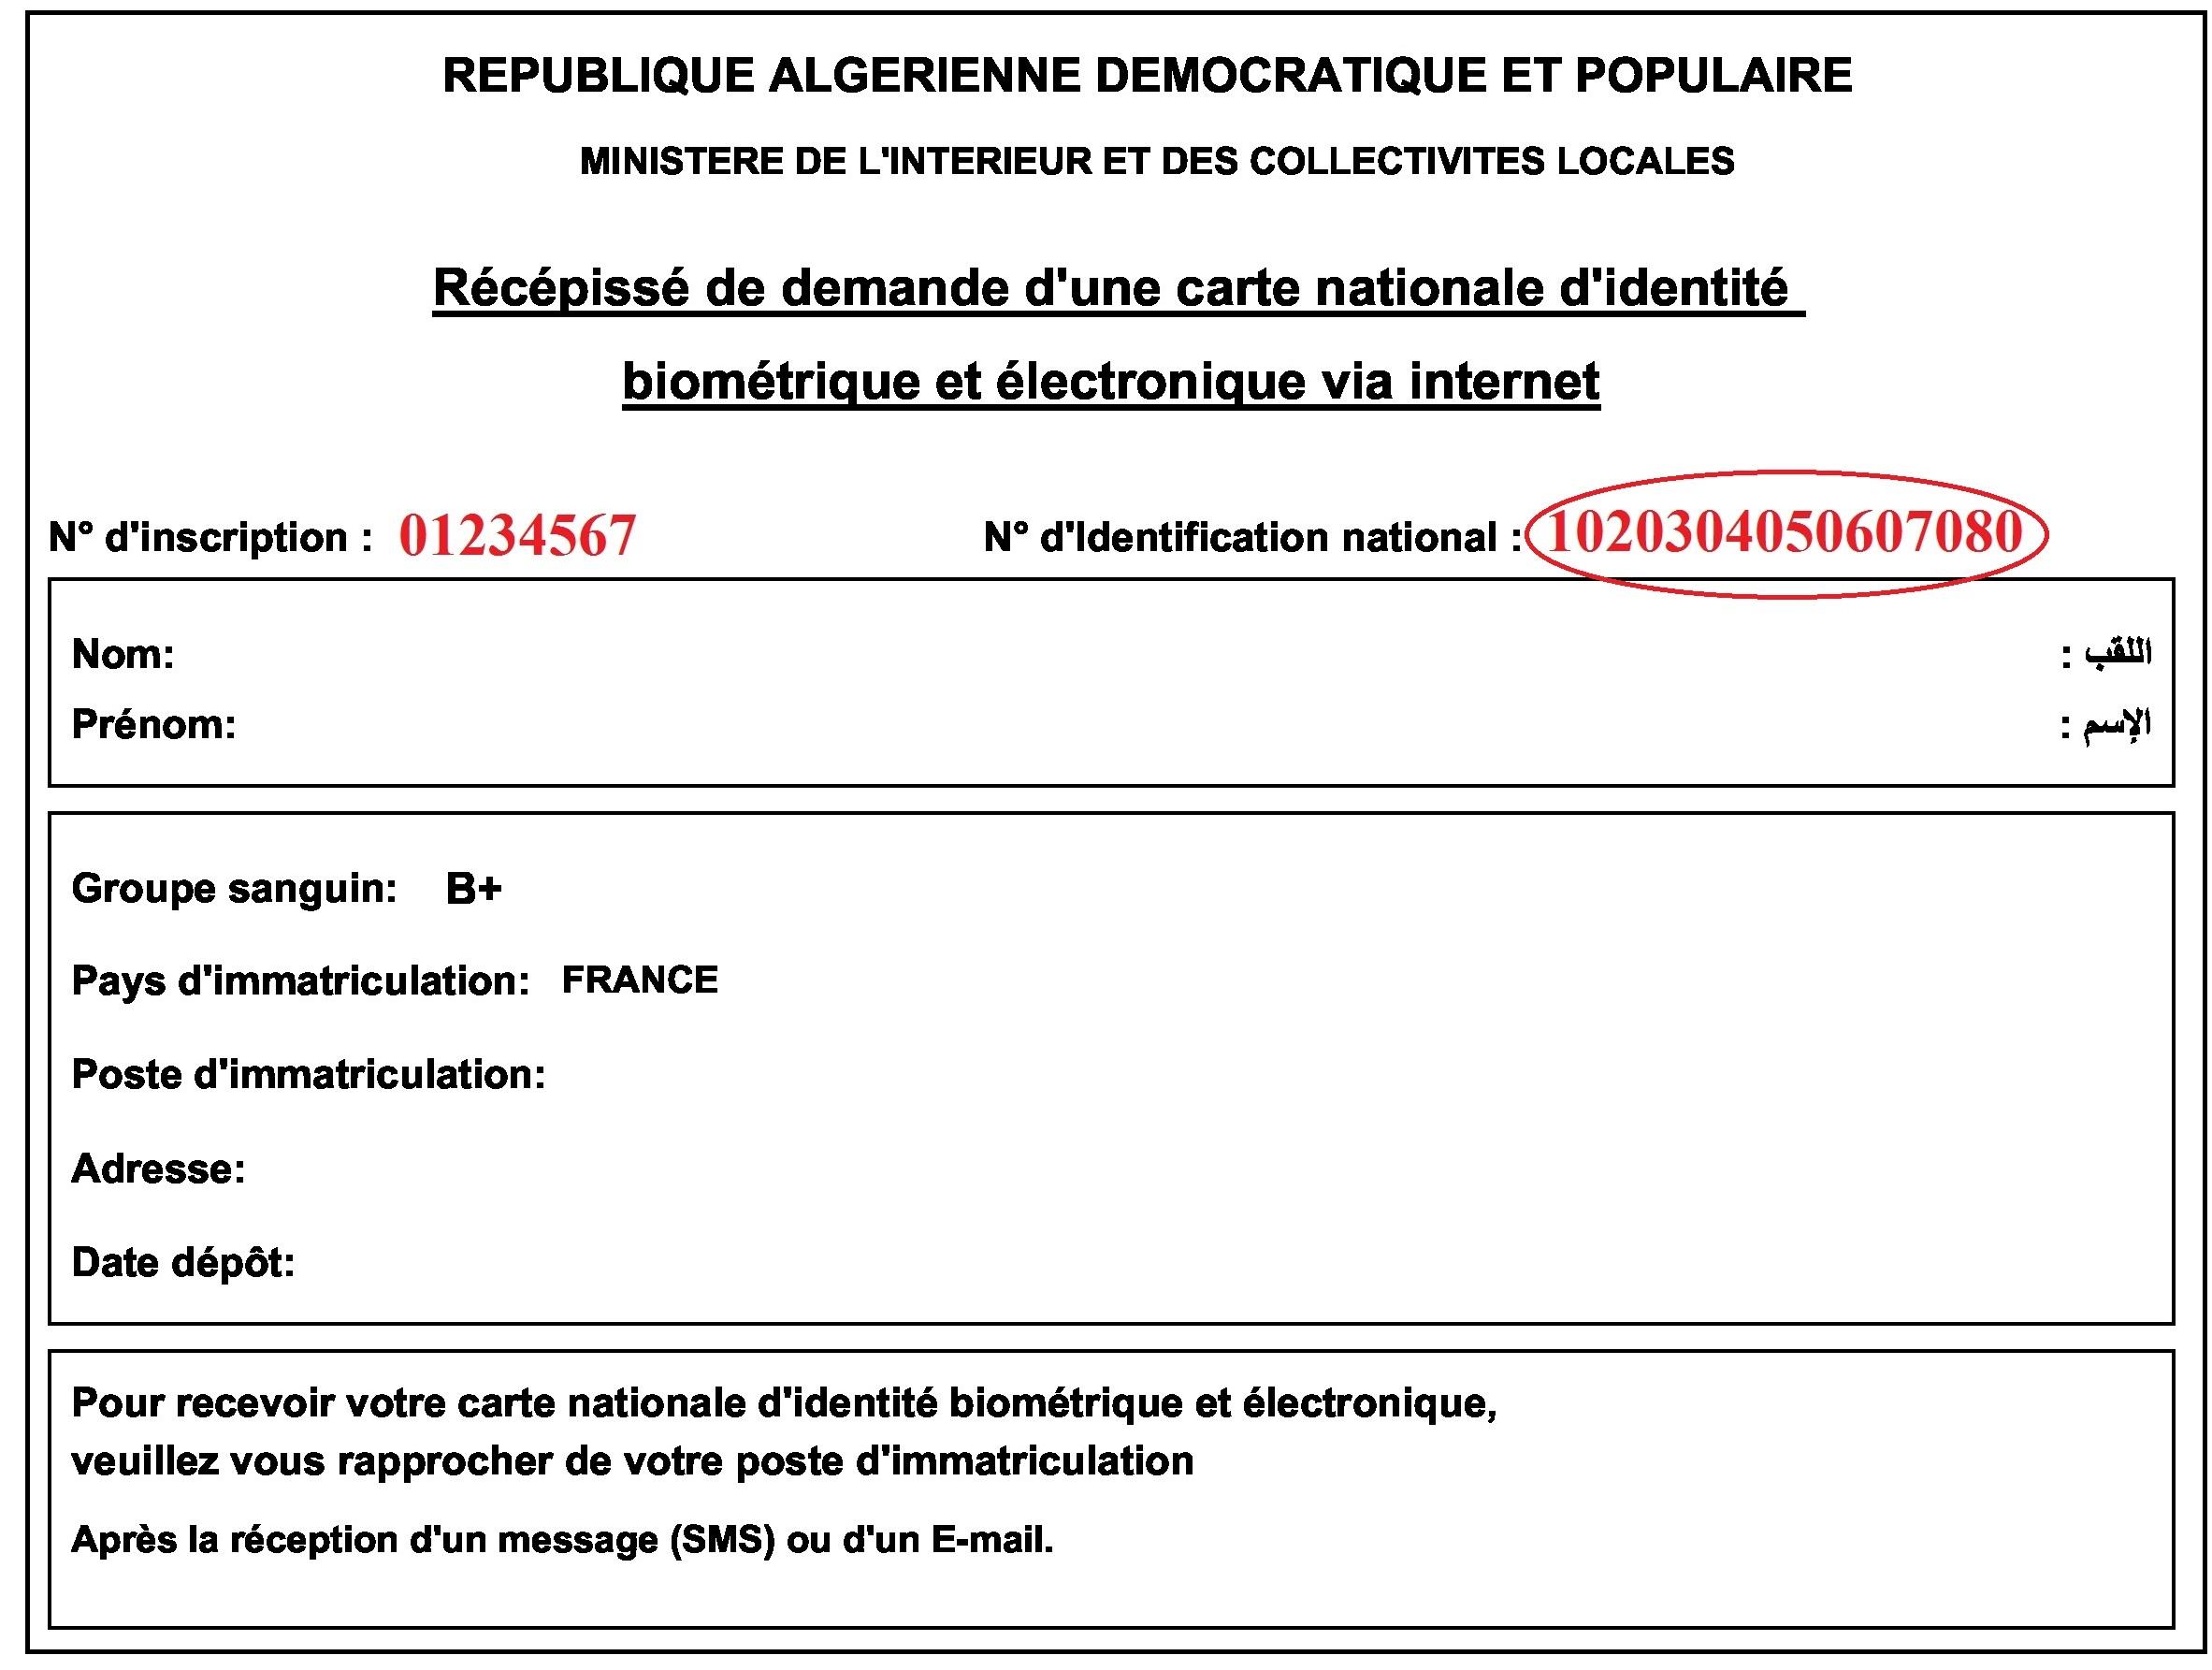 ALGERIE TÉLÉCHARGER PROCURATION CONSULAT